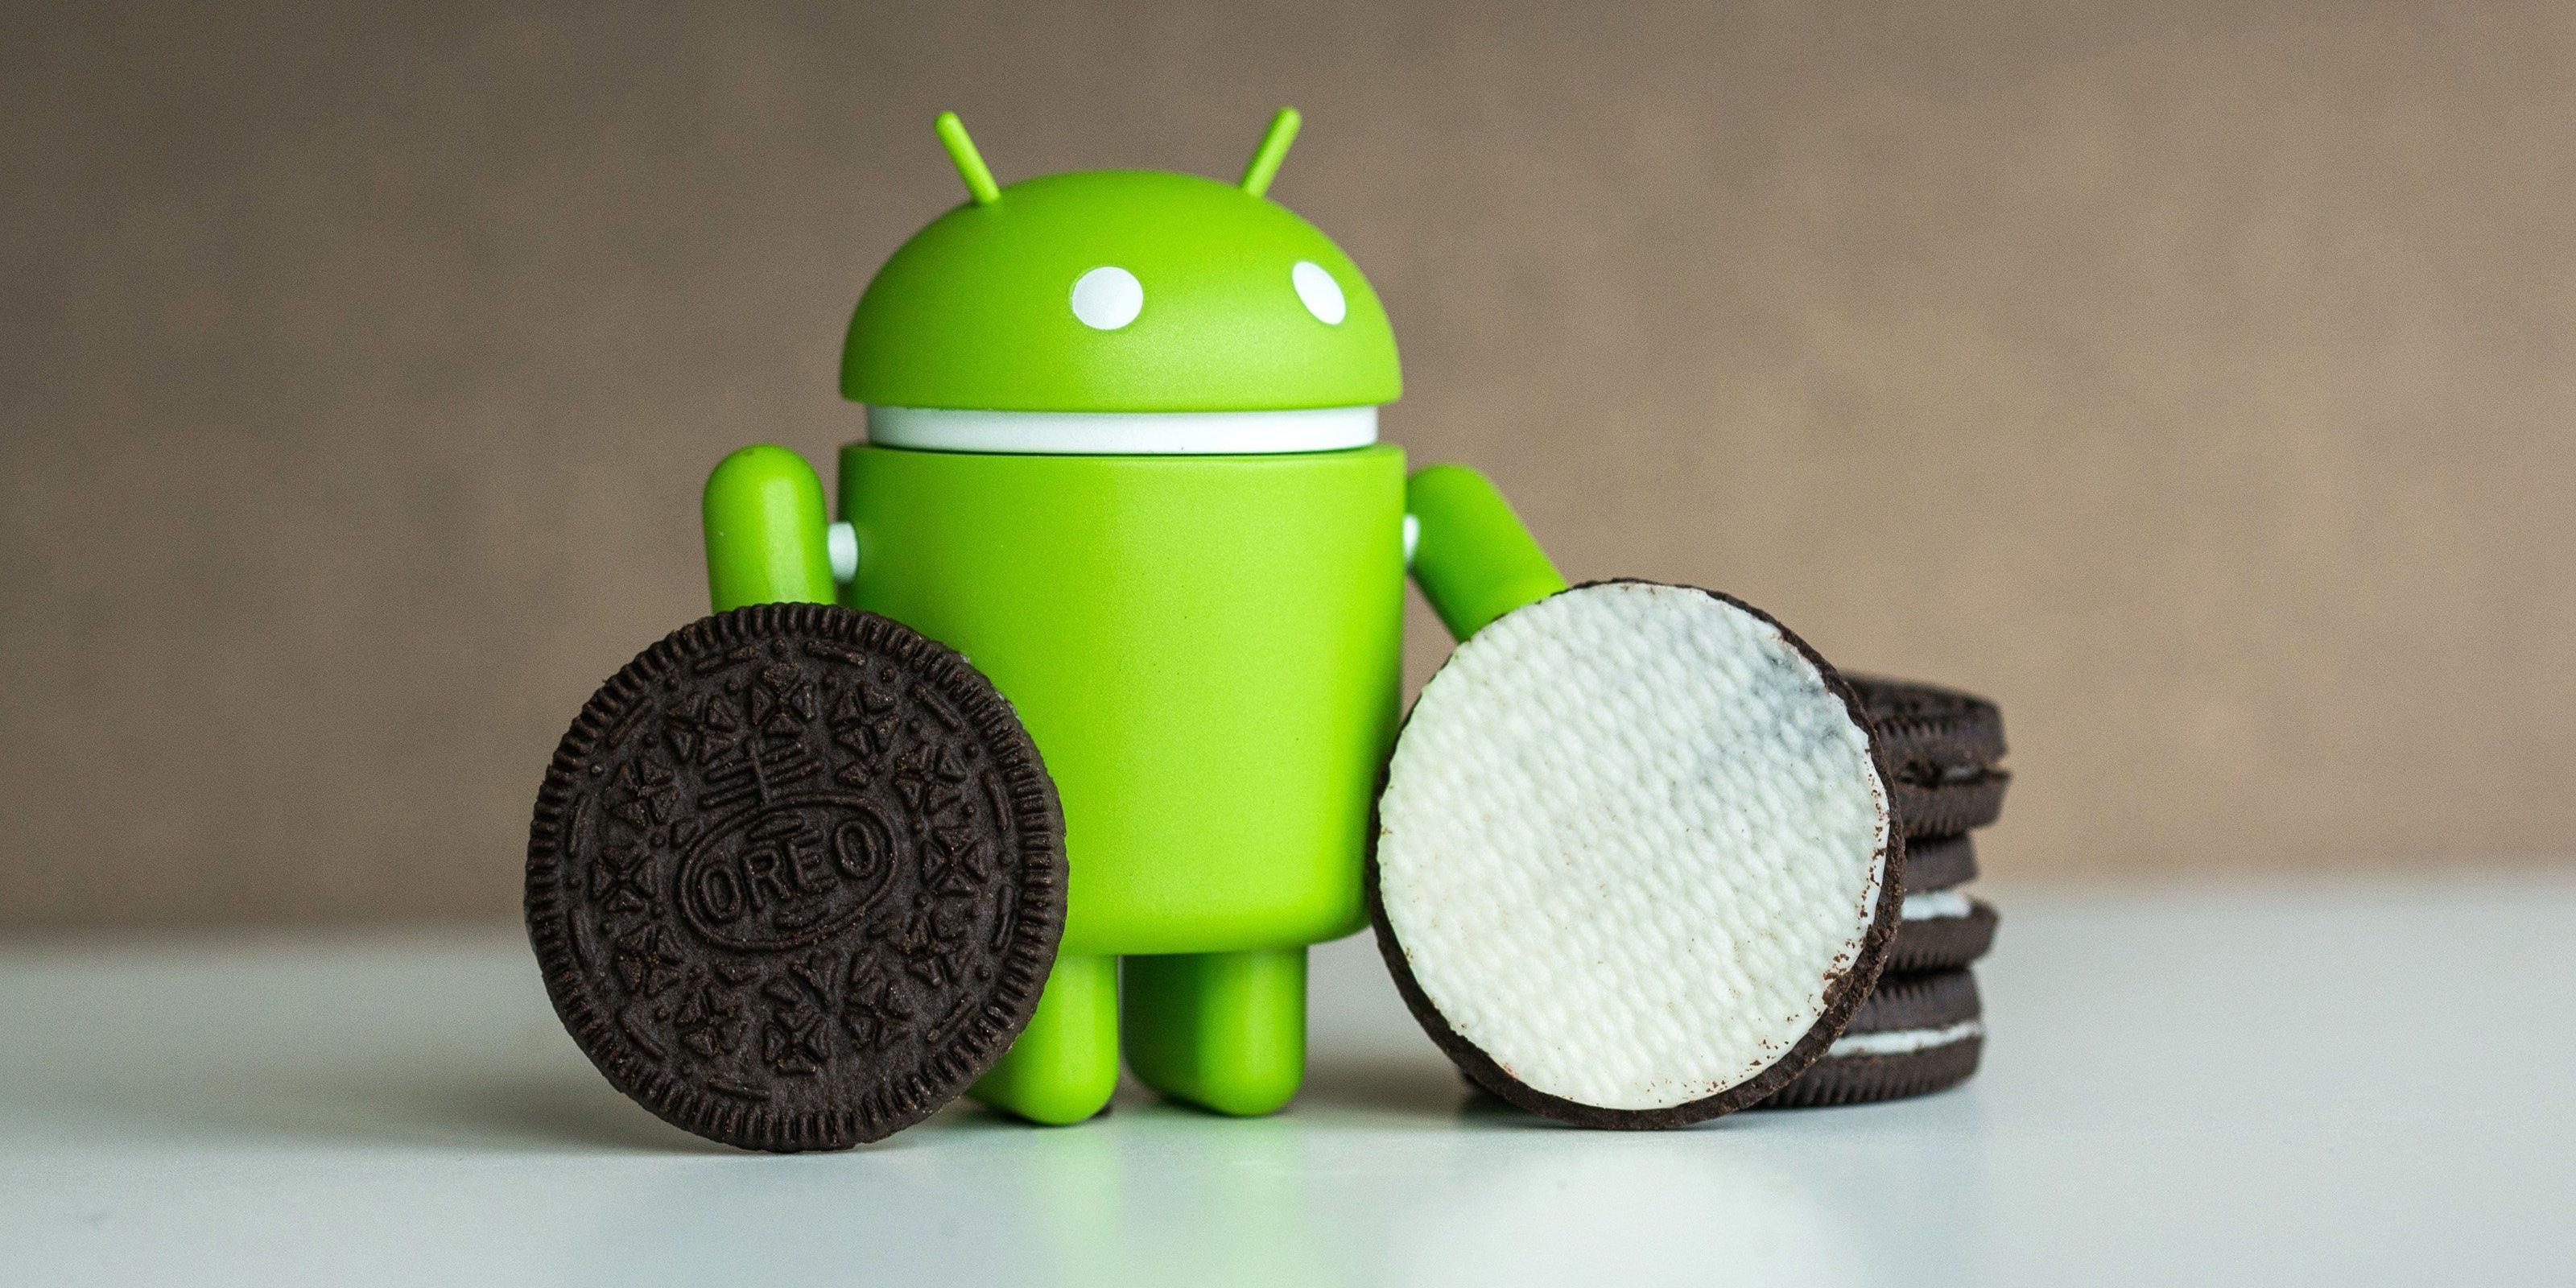 Android 9.0即将到来 哪个版本让你印象最深刻?